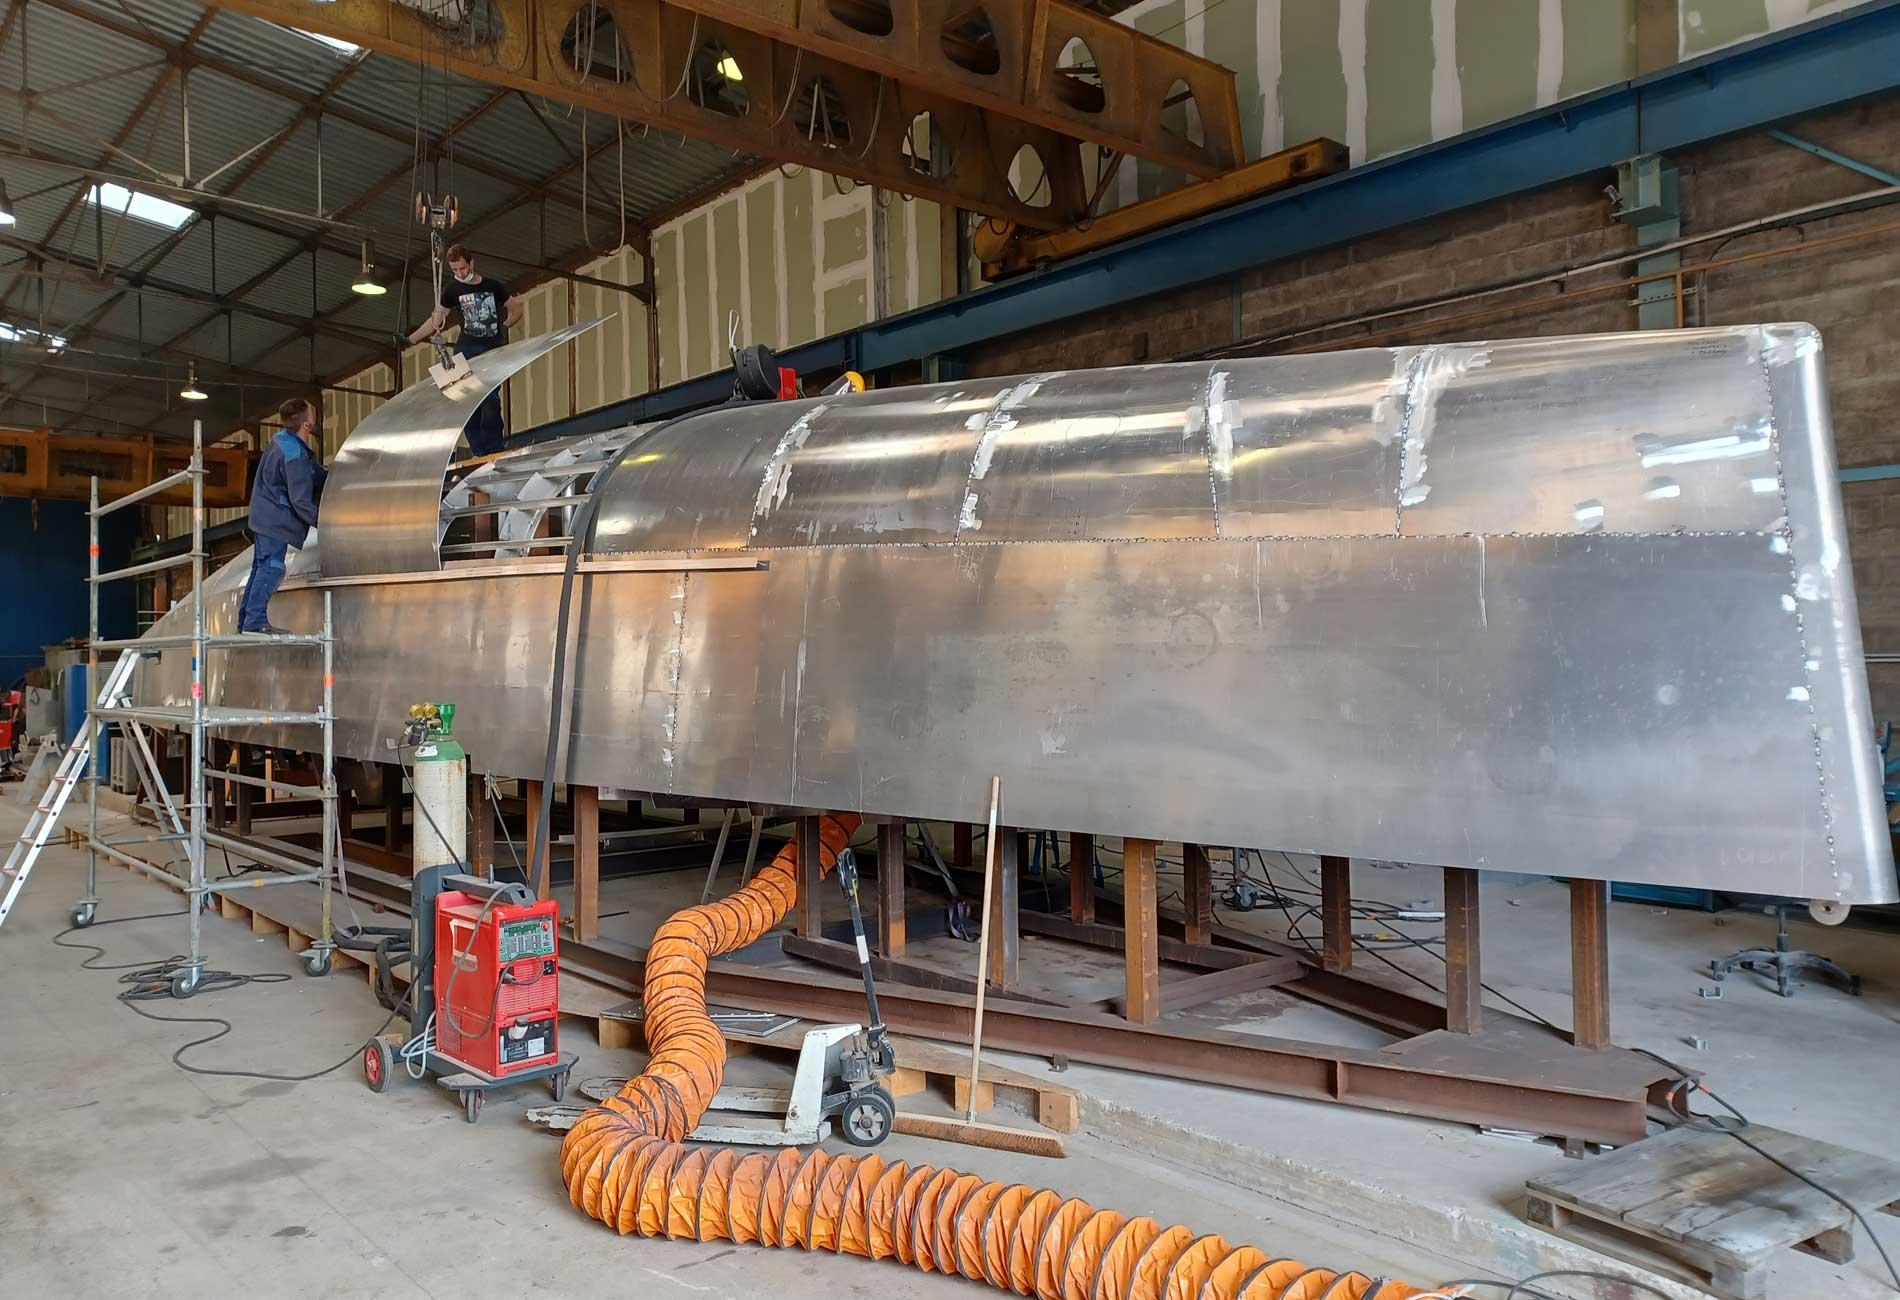 Opalia51-voilier-sur-mesure-chaudronnerie-custom-made-Vincent-Lebailly-Designer